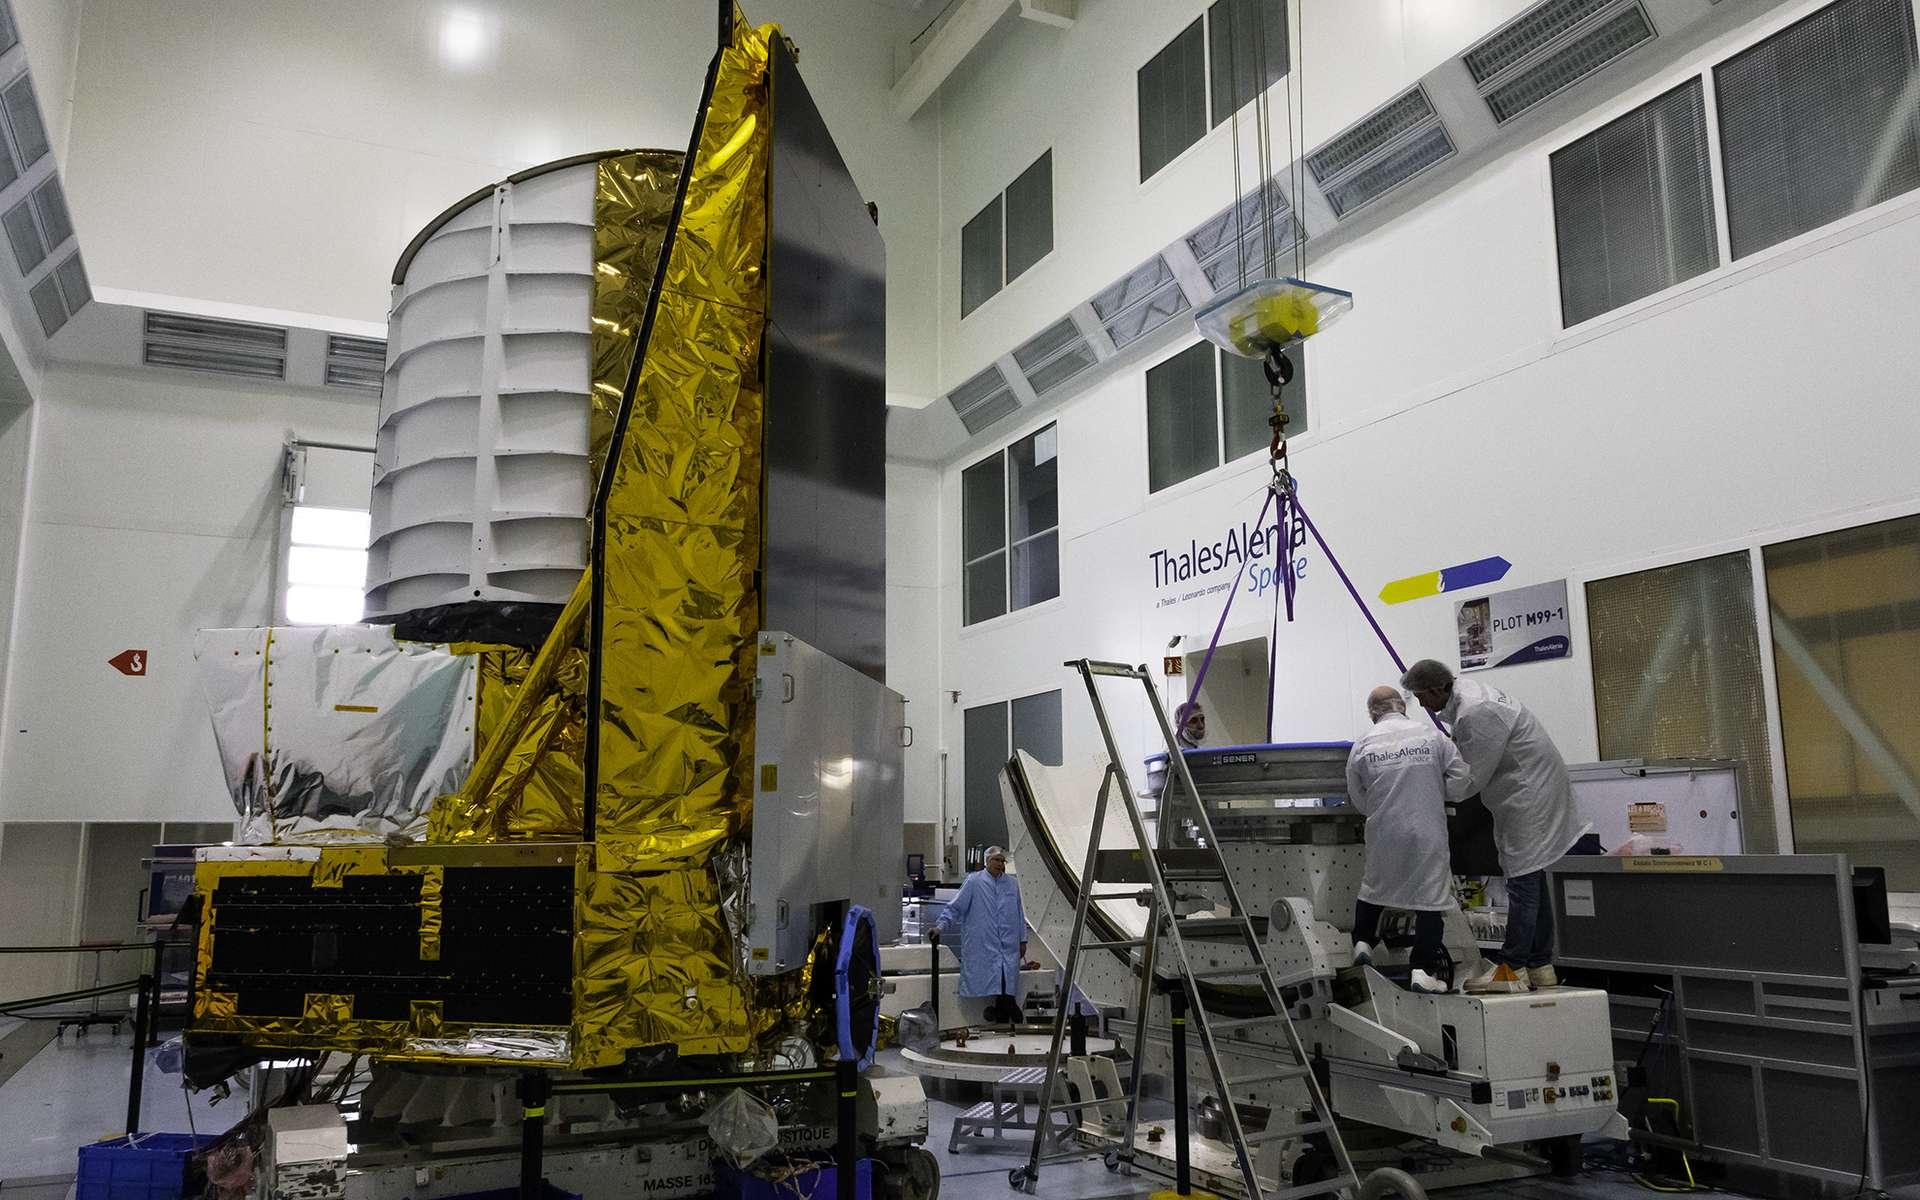 Le modèle structurel d'Euclid, un télescope spatial pour l'étude de l'univers sombre. Ce satellite de l'Agence spatiale européenne (ESA), construit par Thales Alenia Space, sera lancé en 2022. © Rémy Decourt